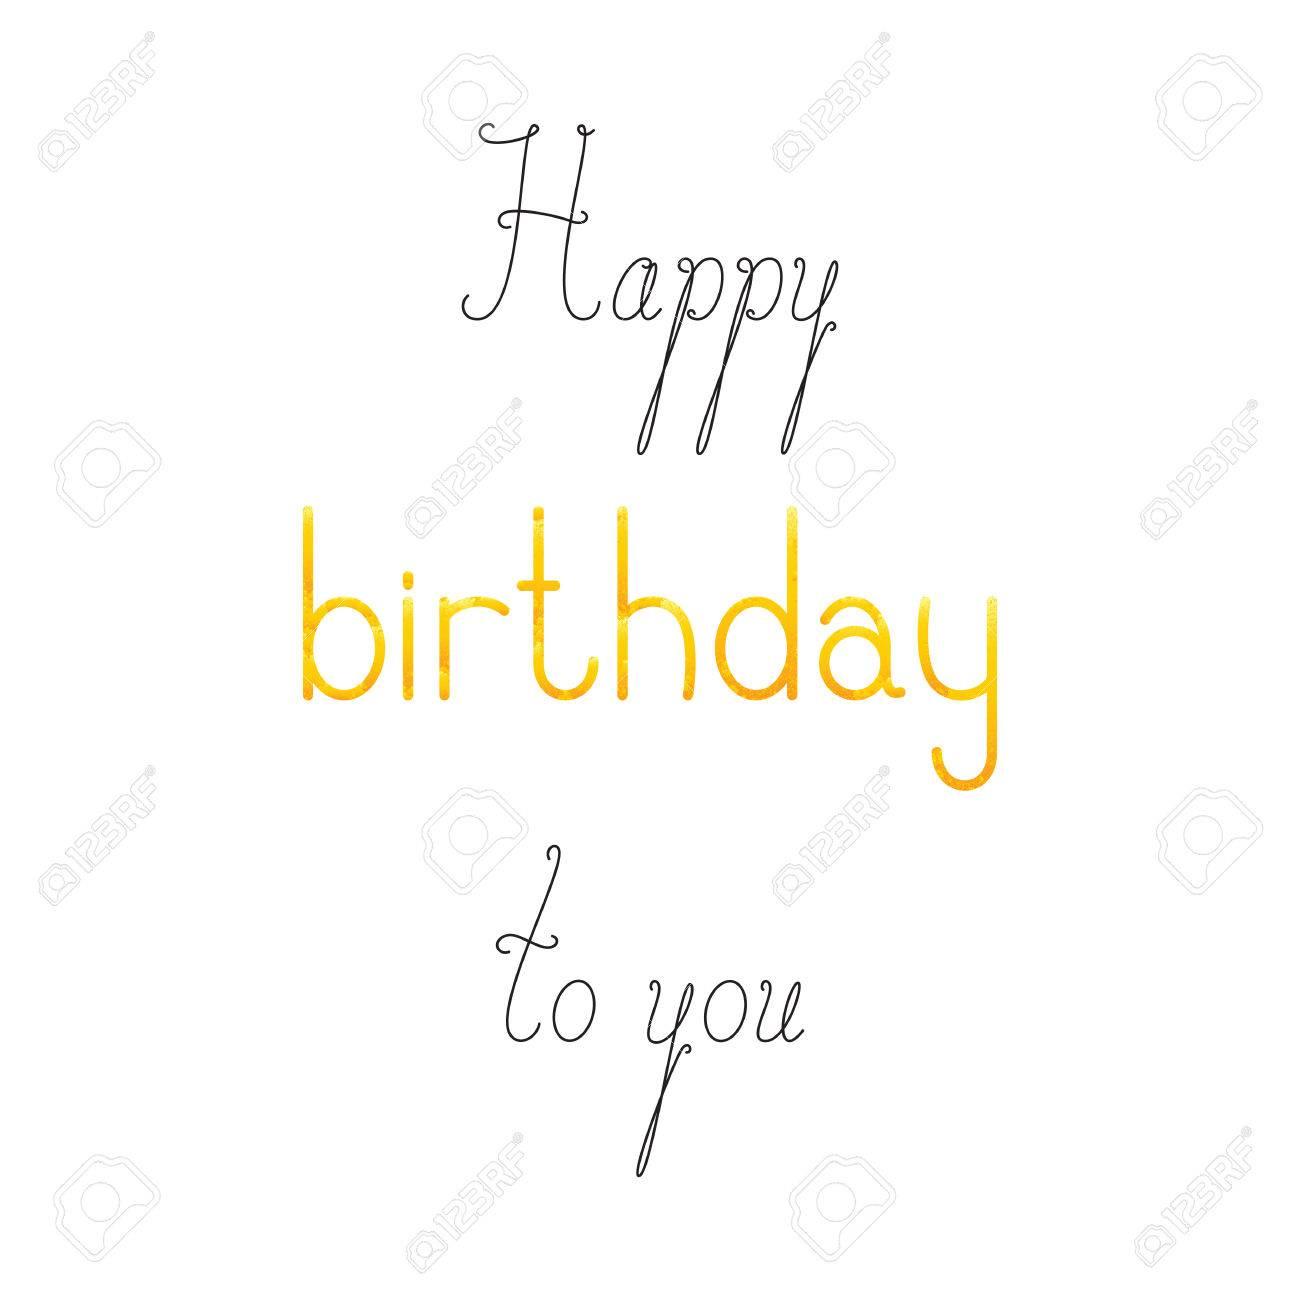 joyeux anniversaire lettrage en anglais isole sur fond blanc mots calligraphiques heureux et a vous mot minable d anniversaire de couleur doree